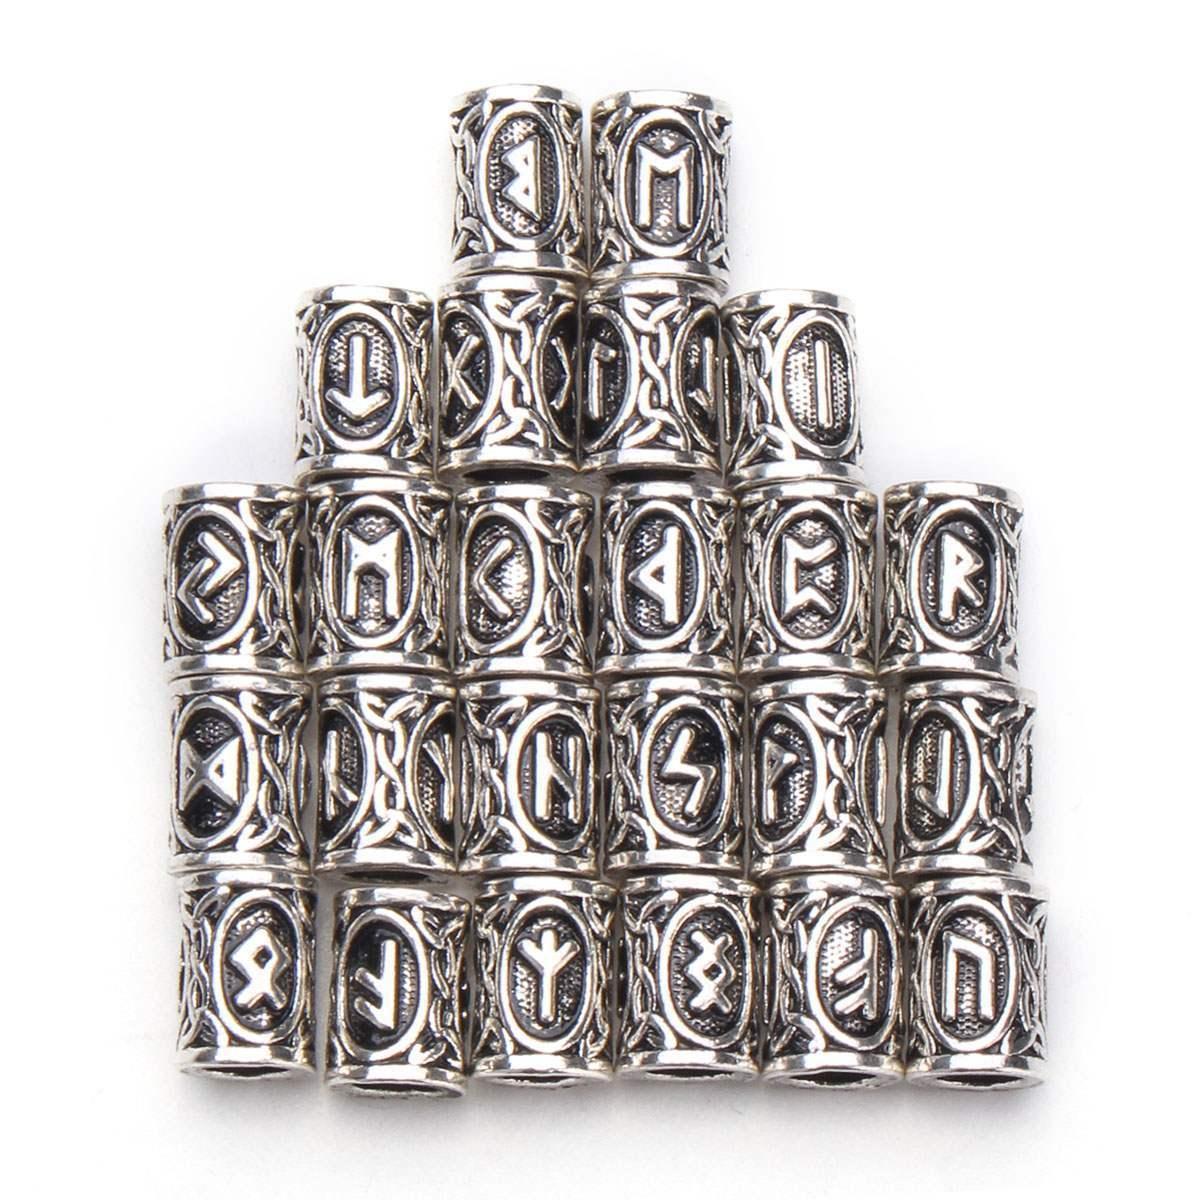 17c6912b6f89d 24pcs Braid Dread Dreadlock Beads Clips Cuff Rune Pattern Design Ring Tubes  For Braiding Hair Extension Accessories